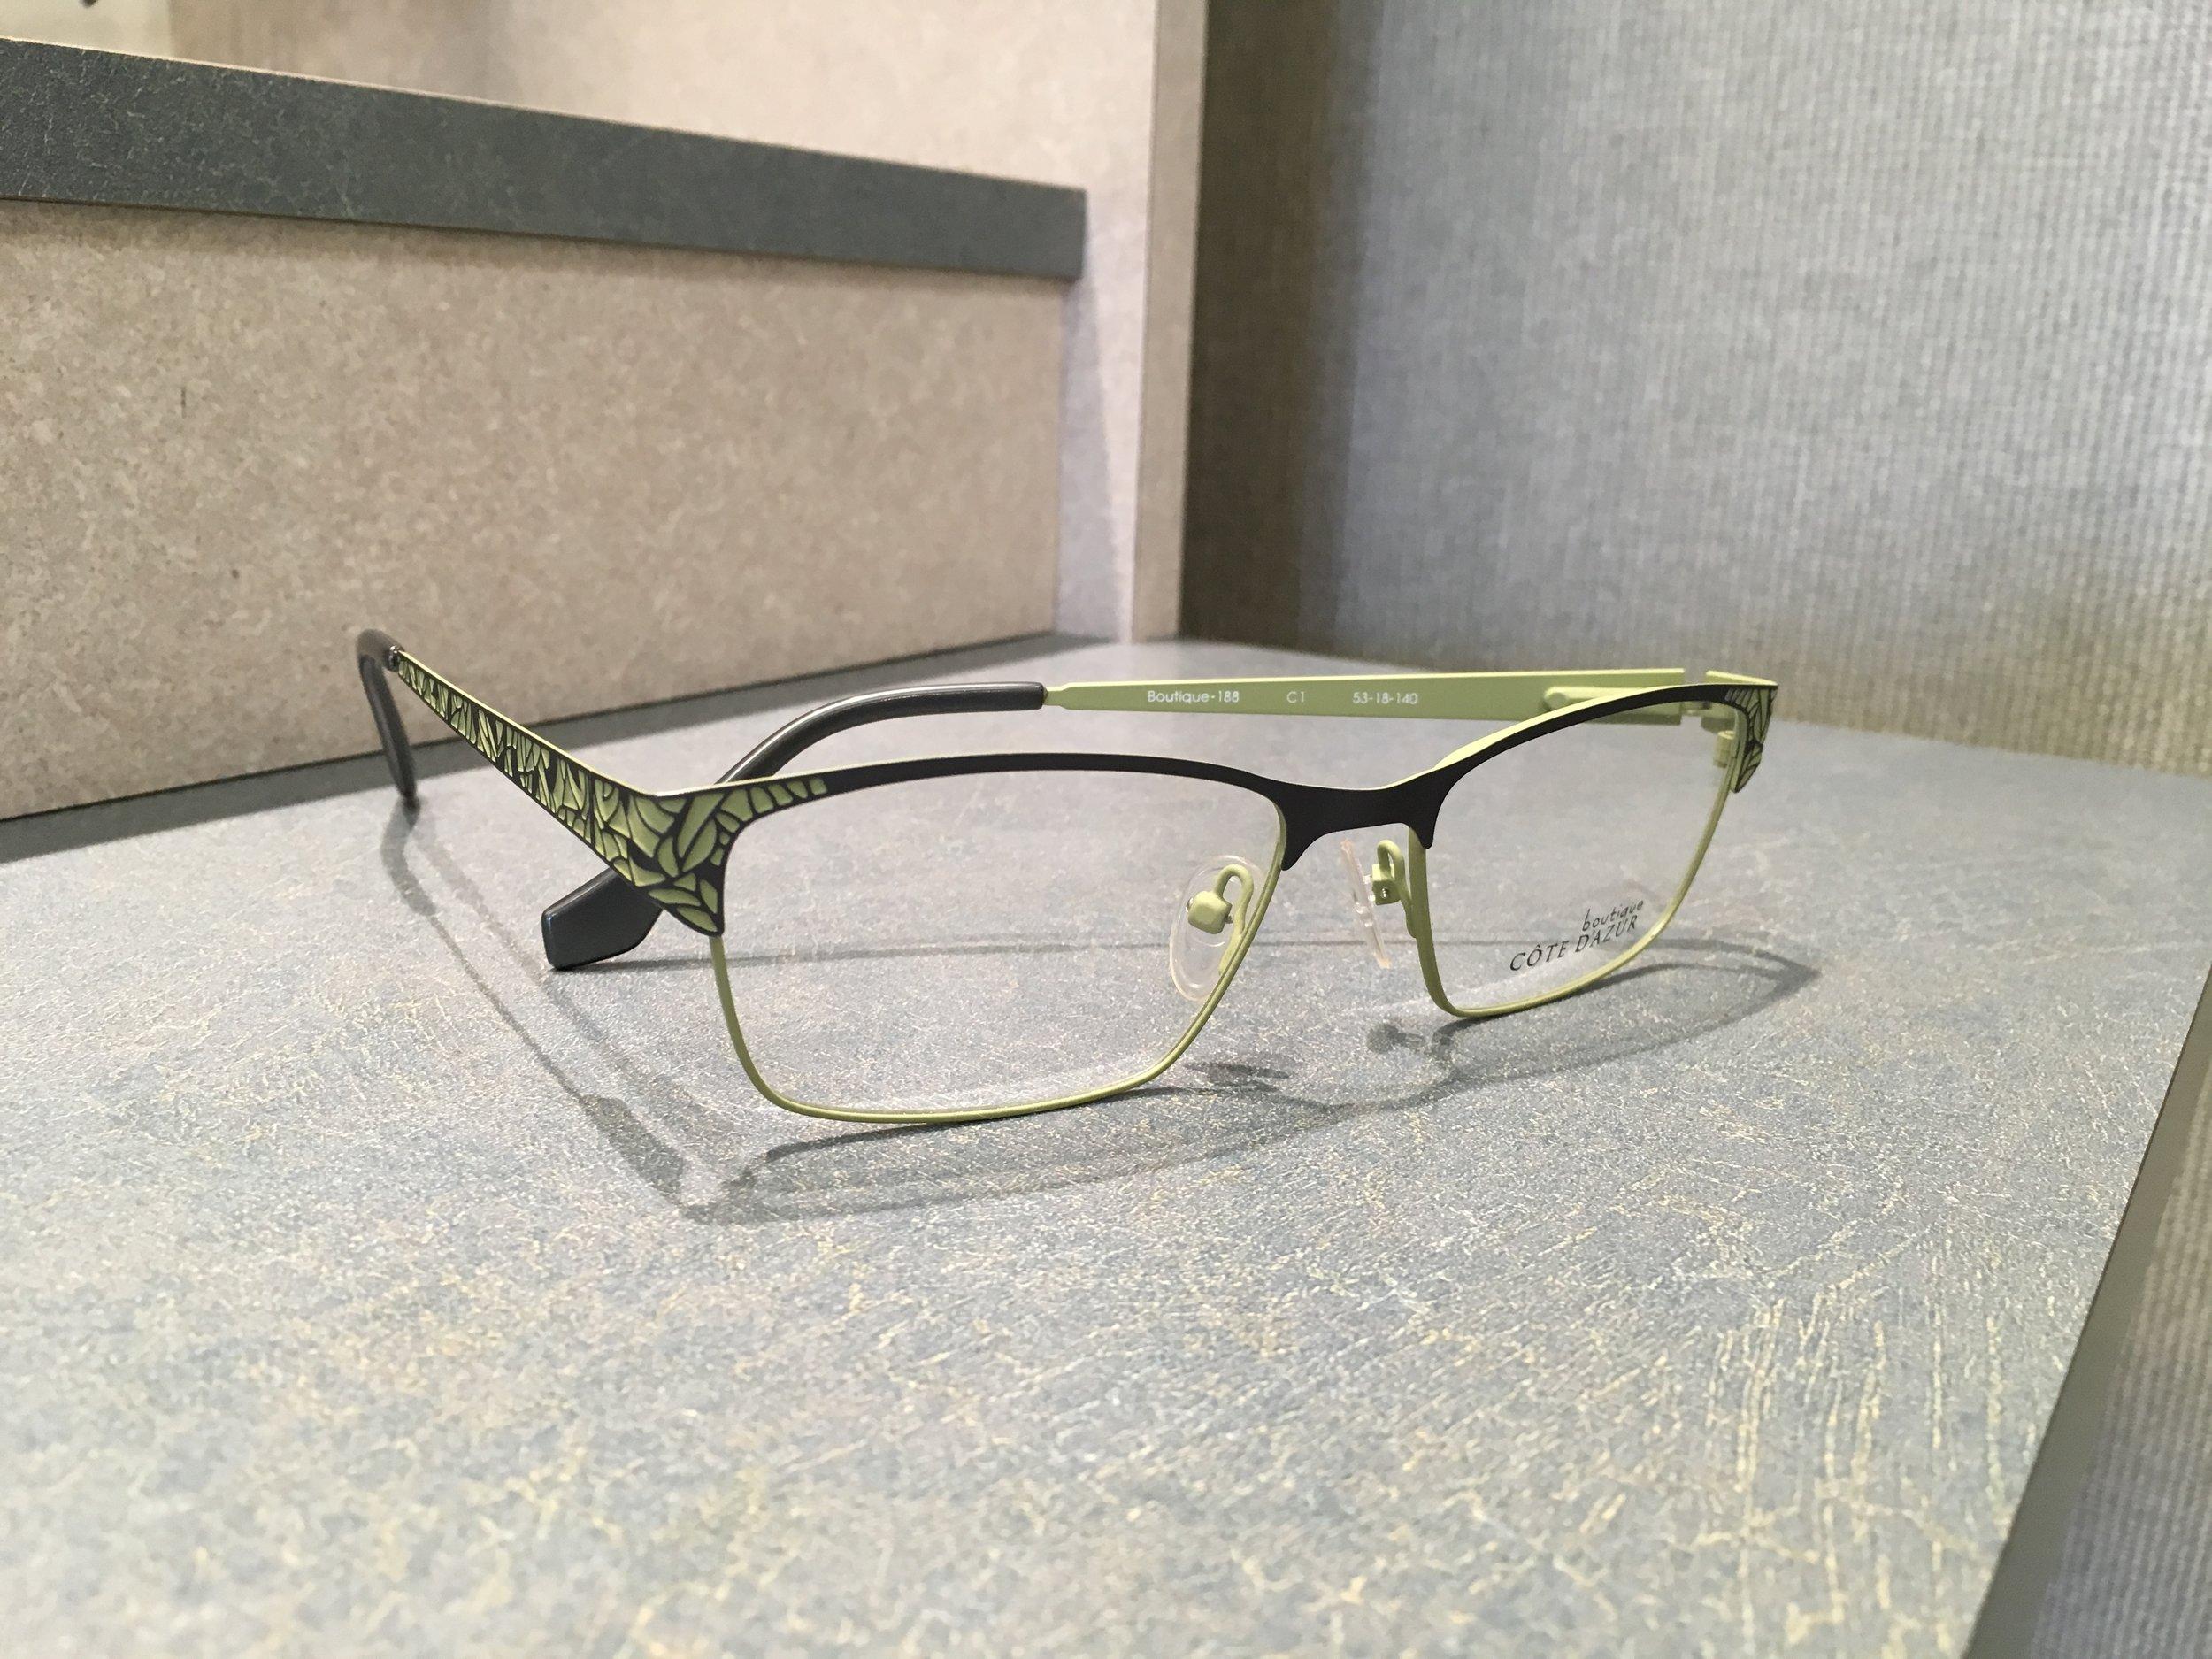 frames whiting nj.JPG